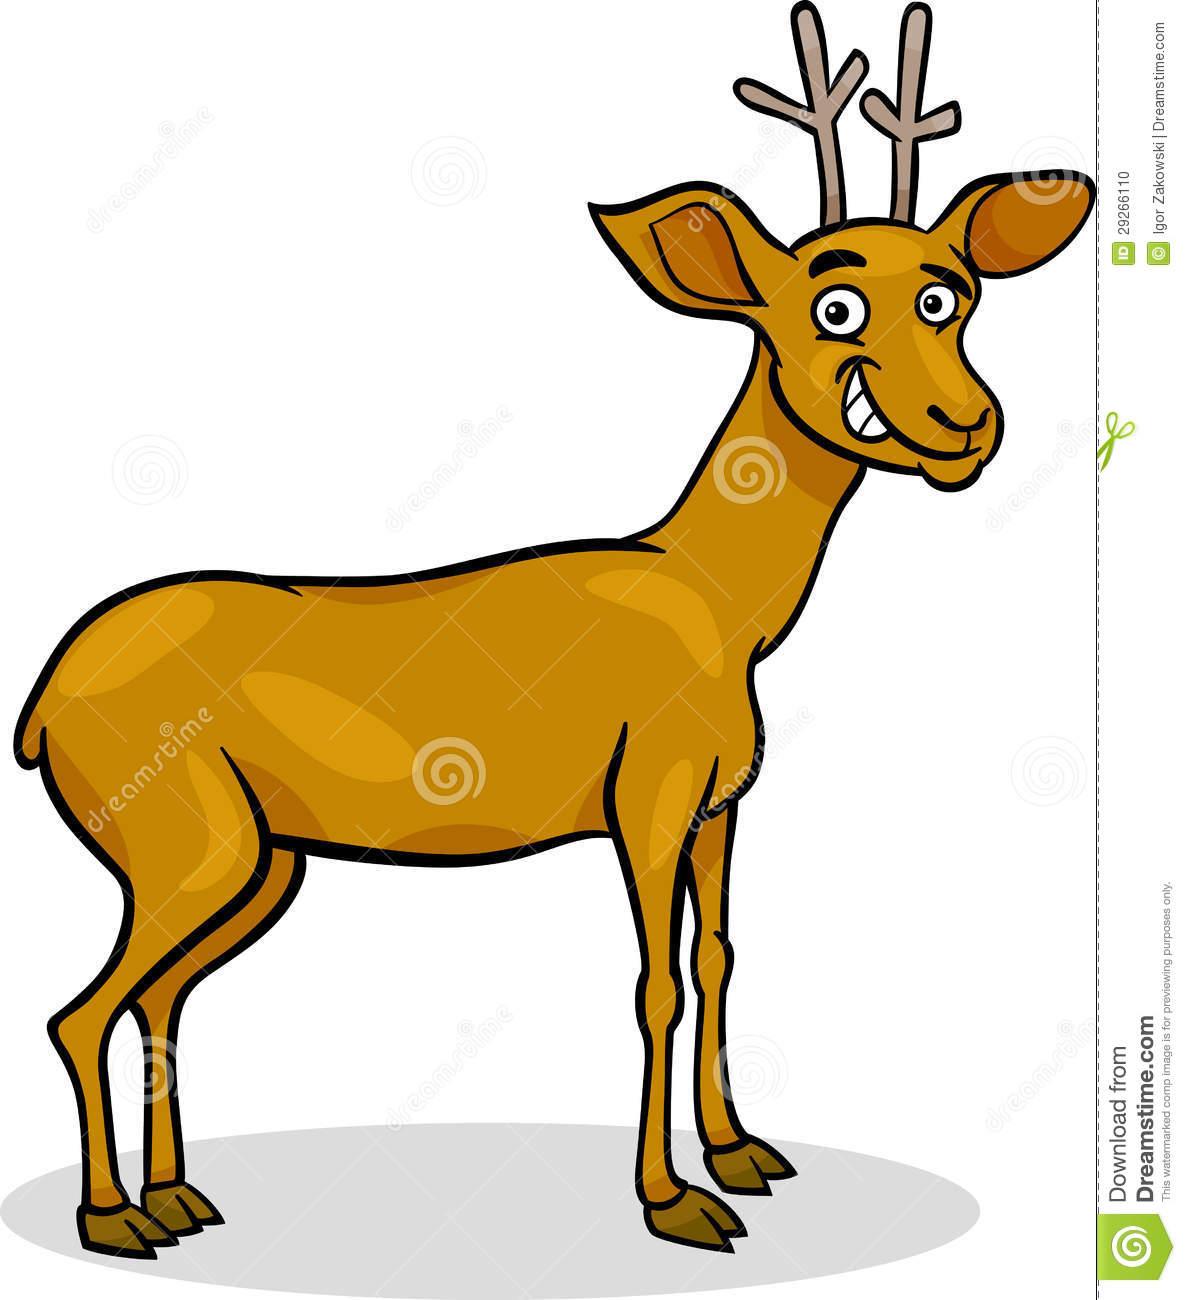 Wild Deer Cartoon Illustration Stock Photo.